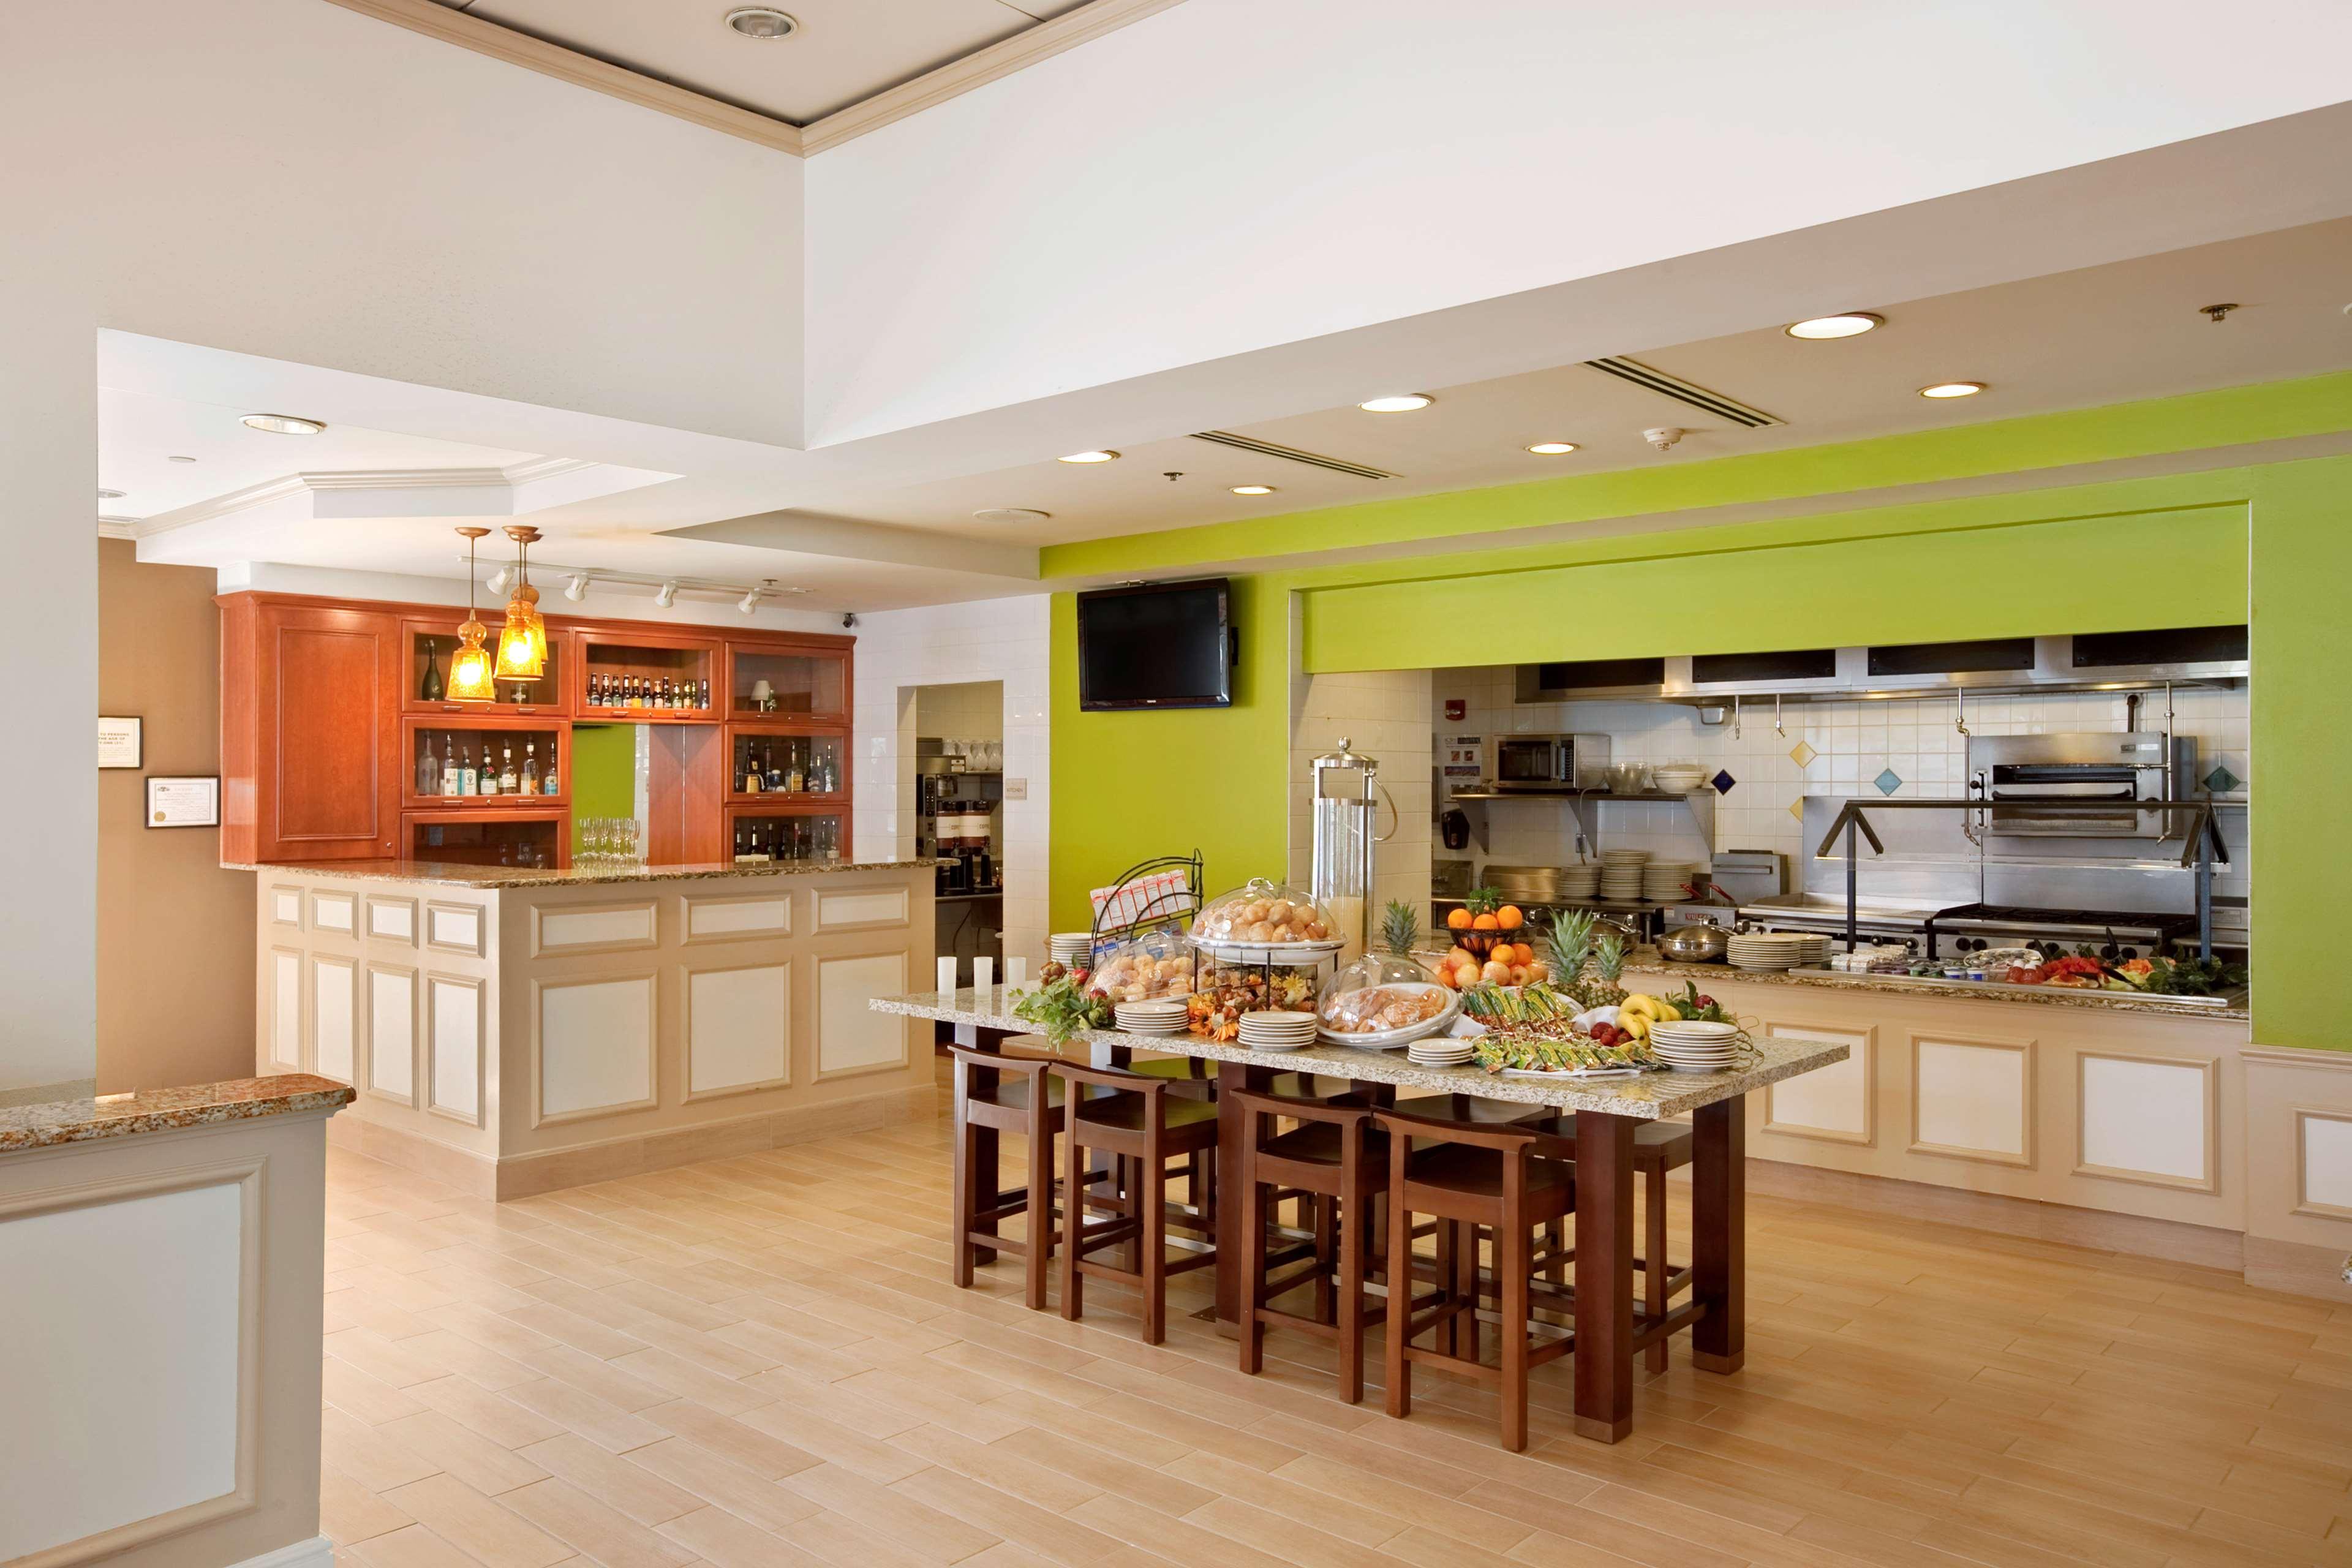 Hilton Garden Inn Hoffman Estates image 7